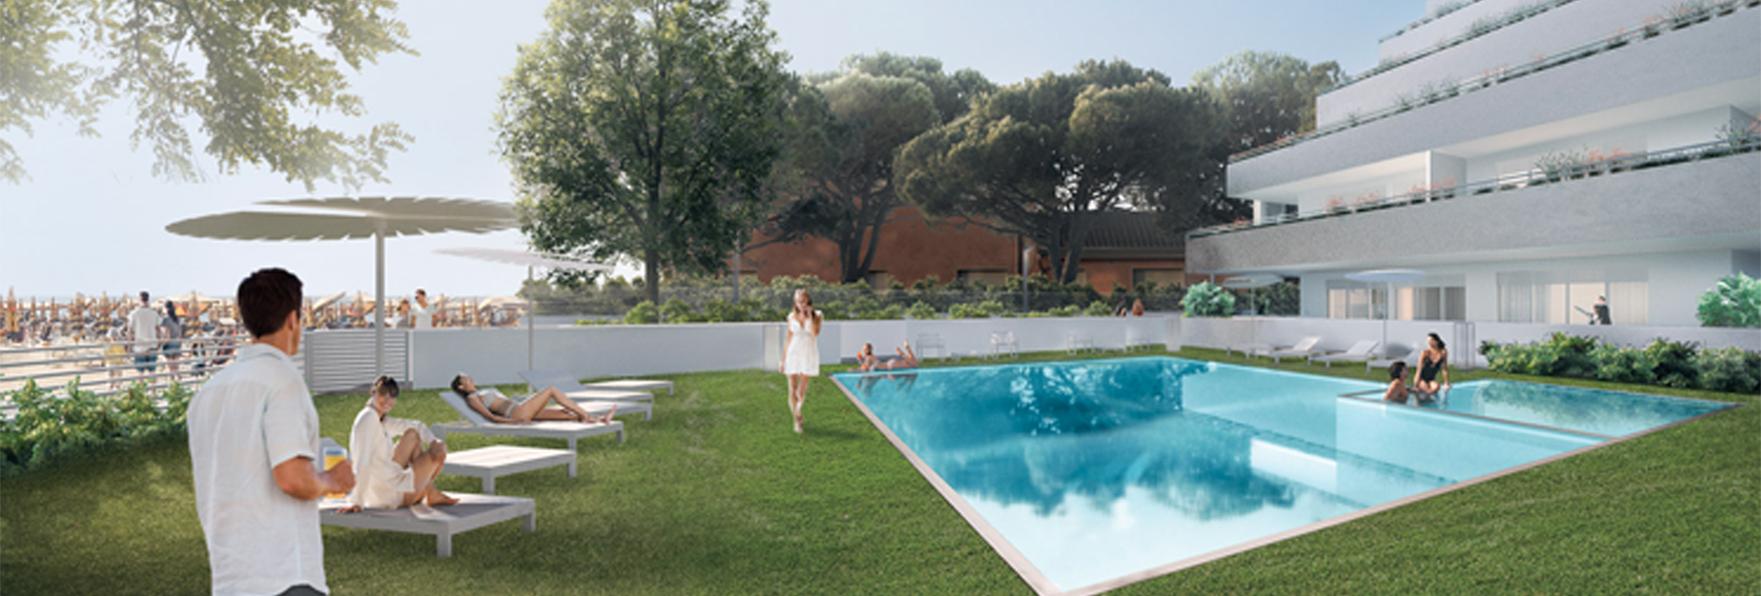 servizi-piscina